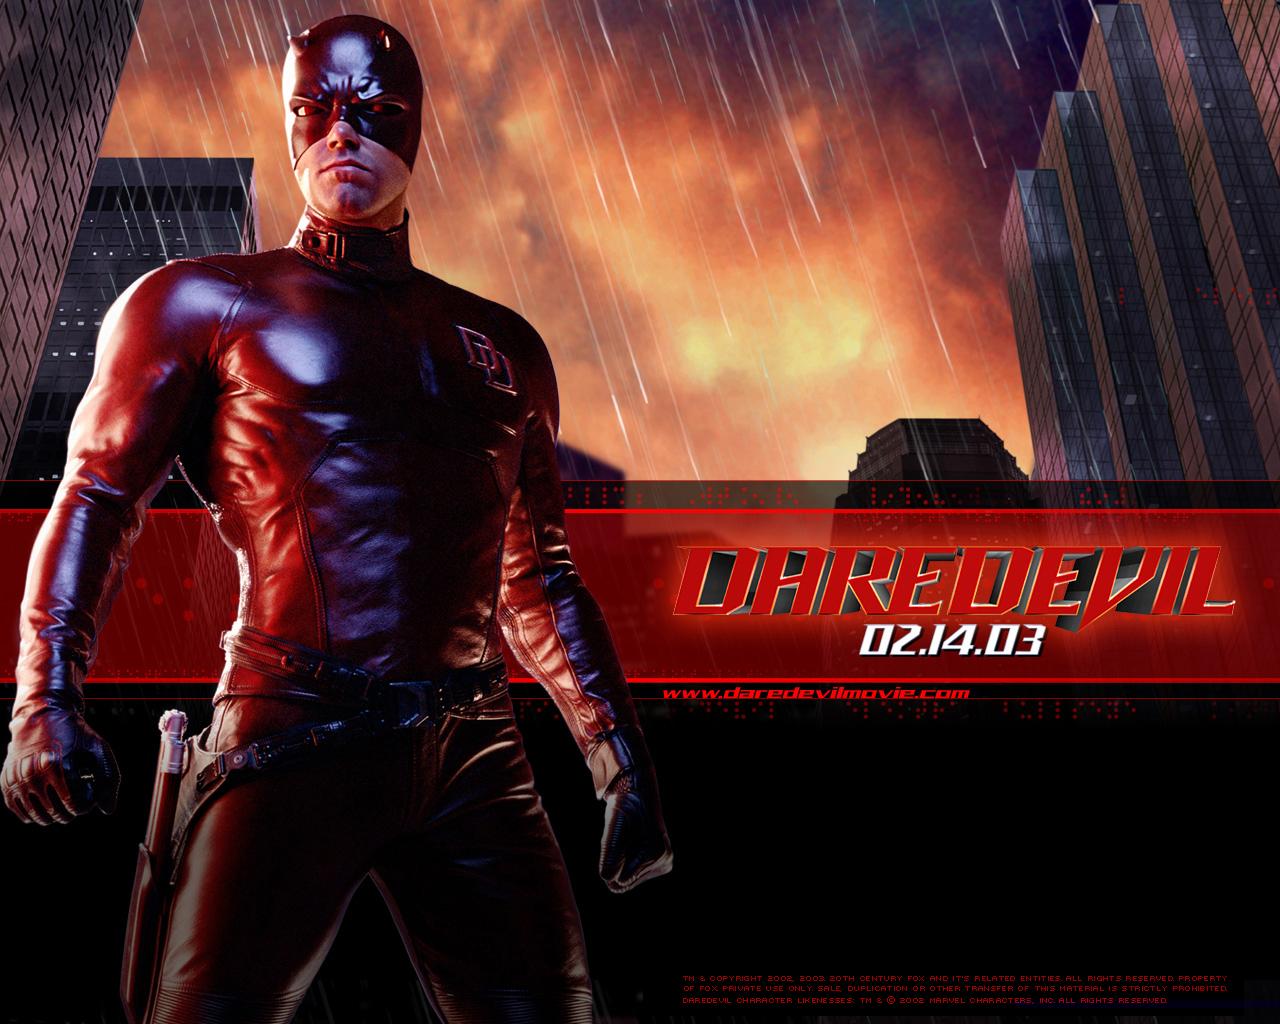 Daredevil daredevil 1280x1024